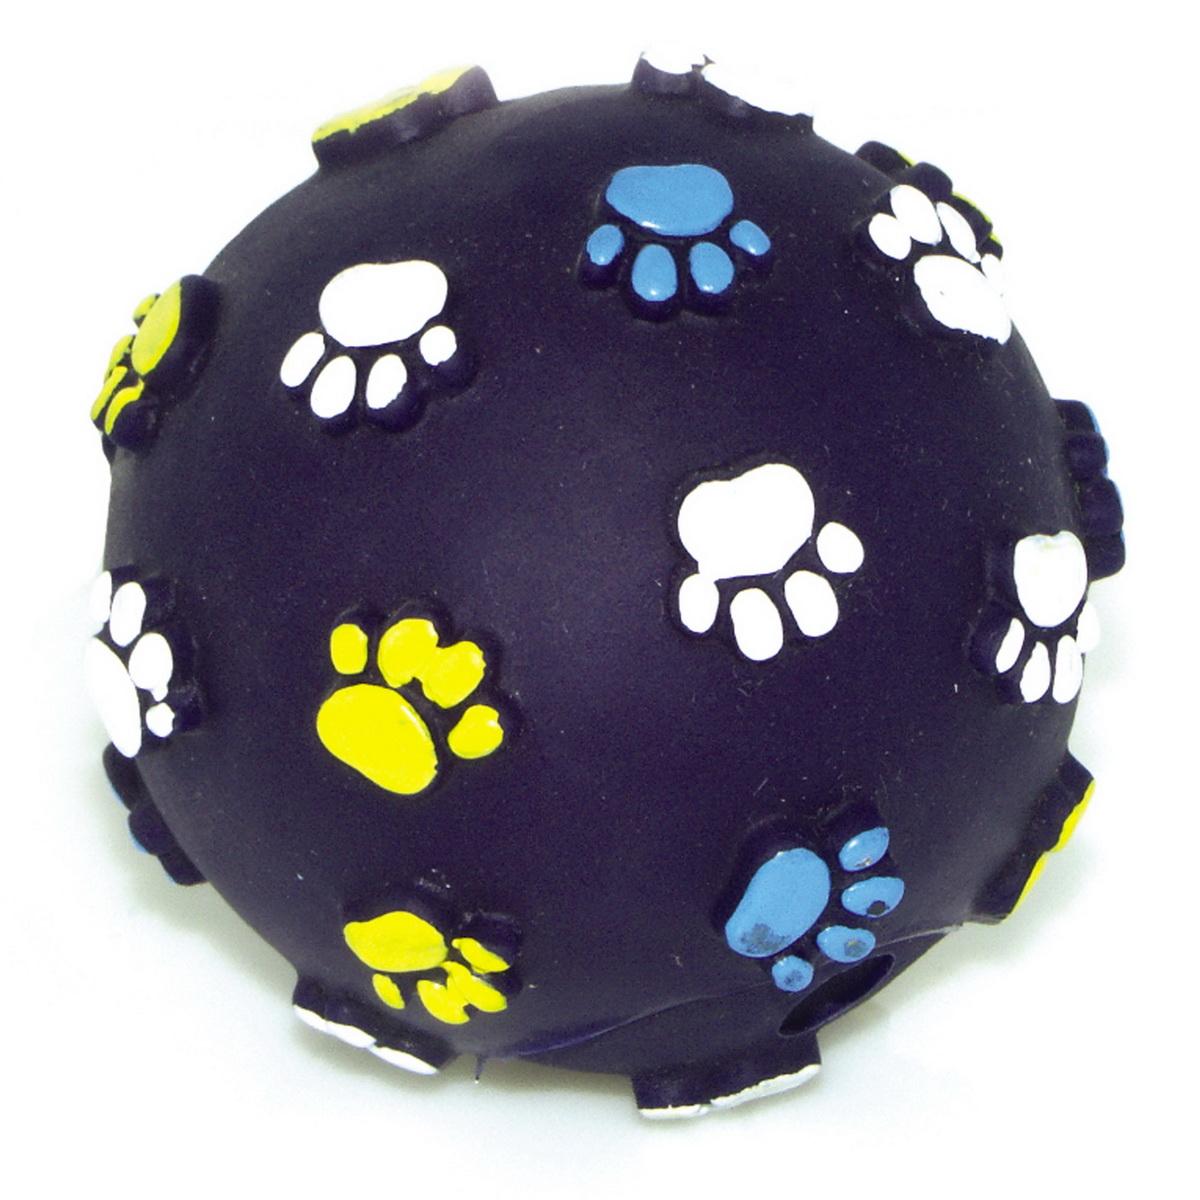 Игрушка для собак Dezzie Мяч. Лапы, цвет: темно-синий, диаметр 6,2 см5604002Игрушка для собак Dezzie Мяч. Лапы изготовлена из винила в виде мяча с изображением лап. Такая игрушка практична, функциональна и совершенно безопасна для здоровья животного. Ее легко мыть и дезинфицировать. Игрушка очень легкая, поэтому собаке совсем нетрудно брать ее в пасть и переносить с места на место. Игрушка для собак Dezzie Мяч. Лапы станет прекрасным подарком для неугомонного четвероногого питомца. Диаметр мяча: 6,2 см.